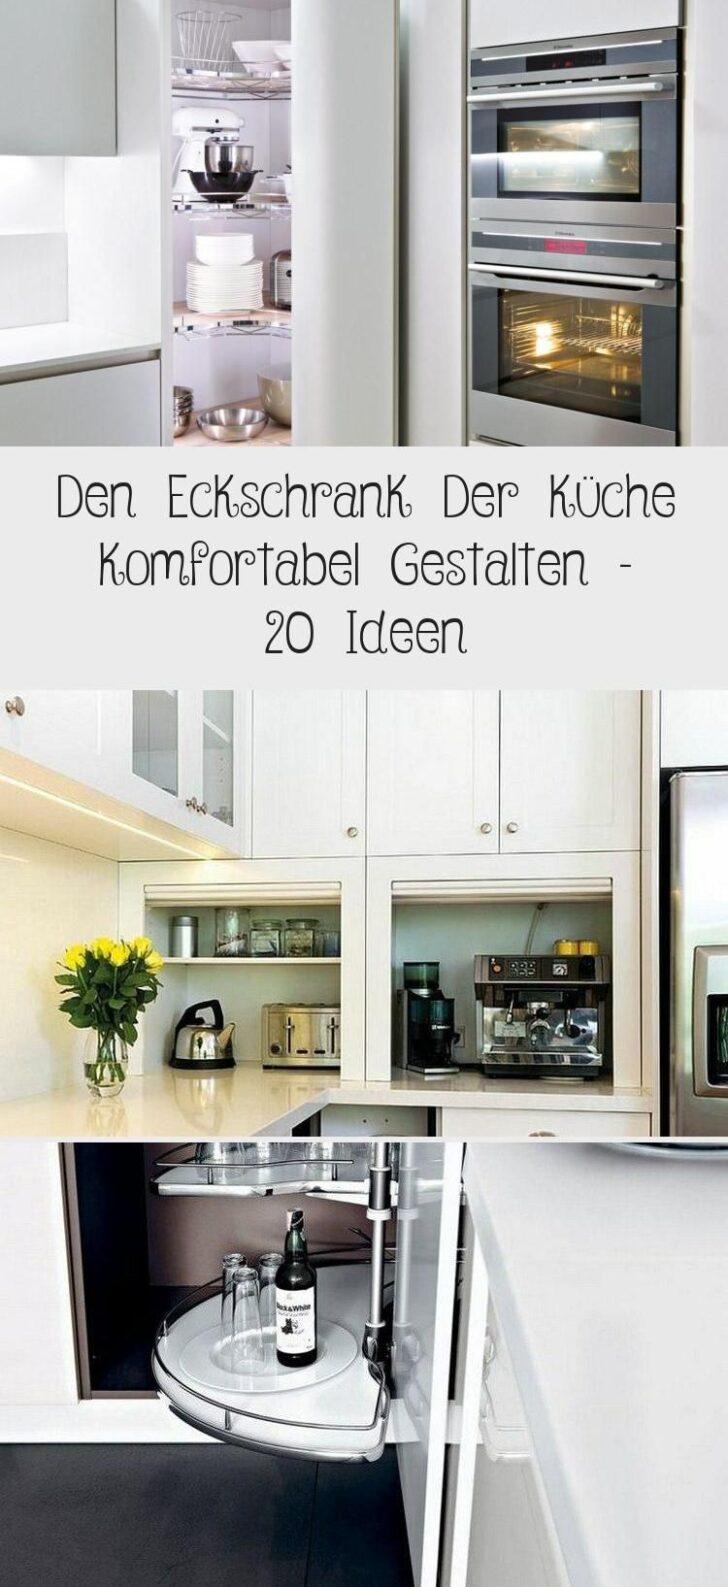 Medium Size of Kche Sitzecke Ideen Essbereich Mit Sitzbank Eckschrank Schlafzimmer Küche Küchen Regal Bad Wohnzimmer Küchen Eckschrank Rondell